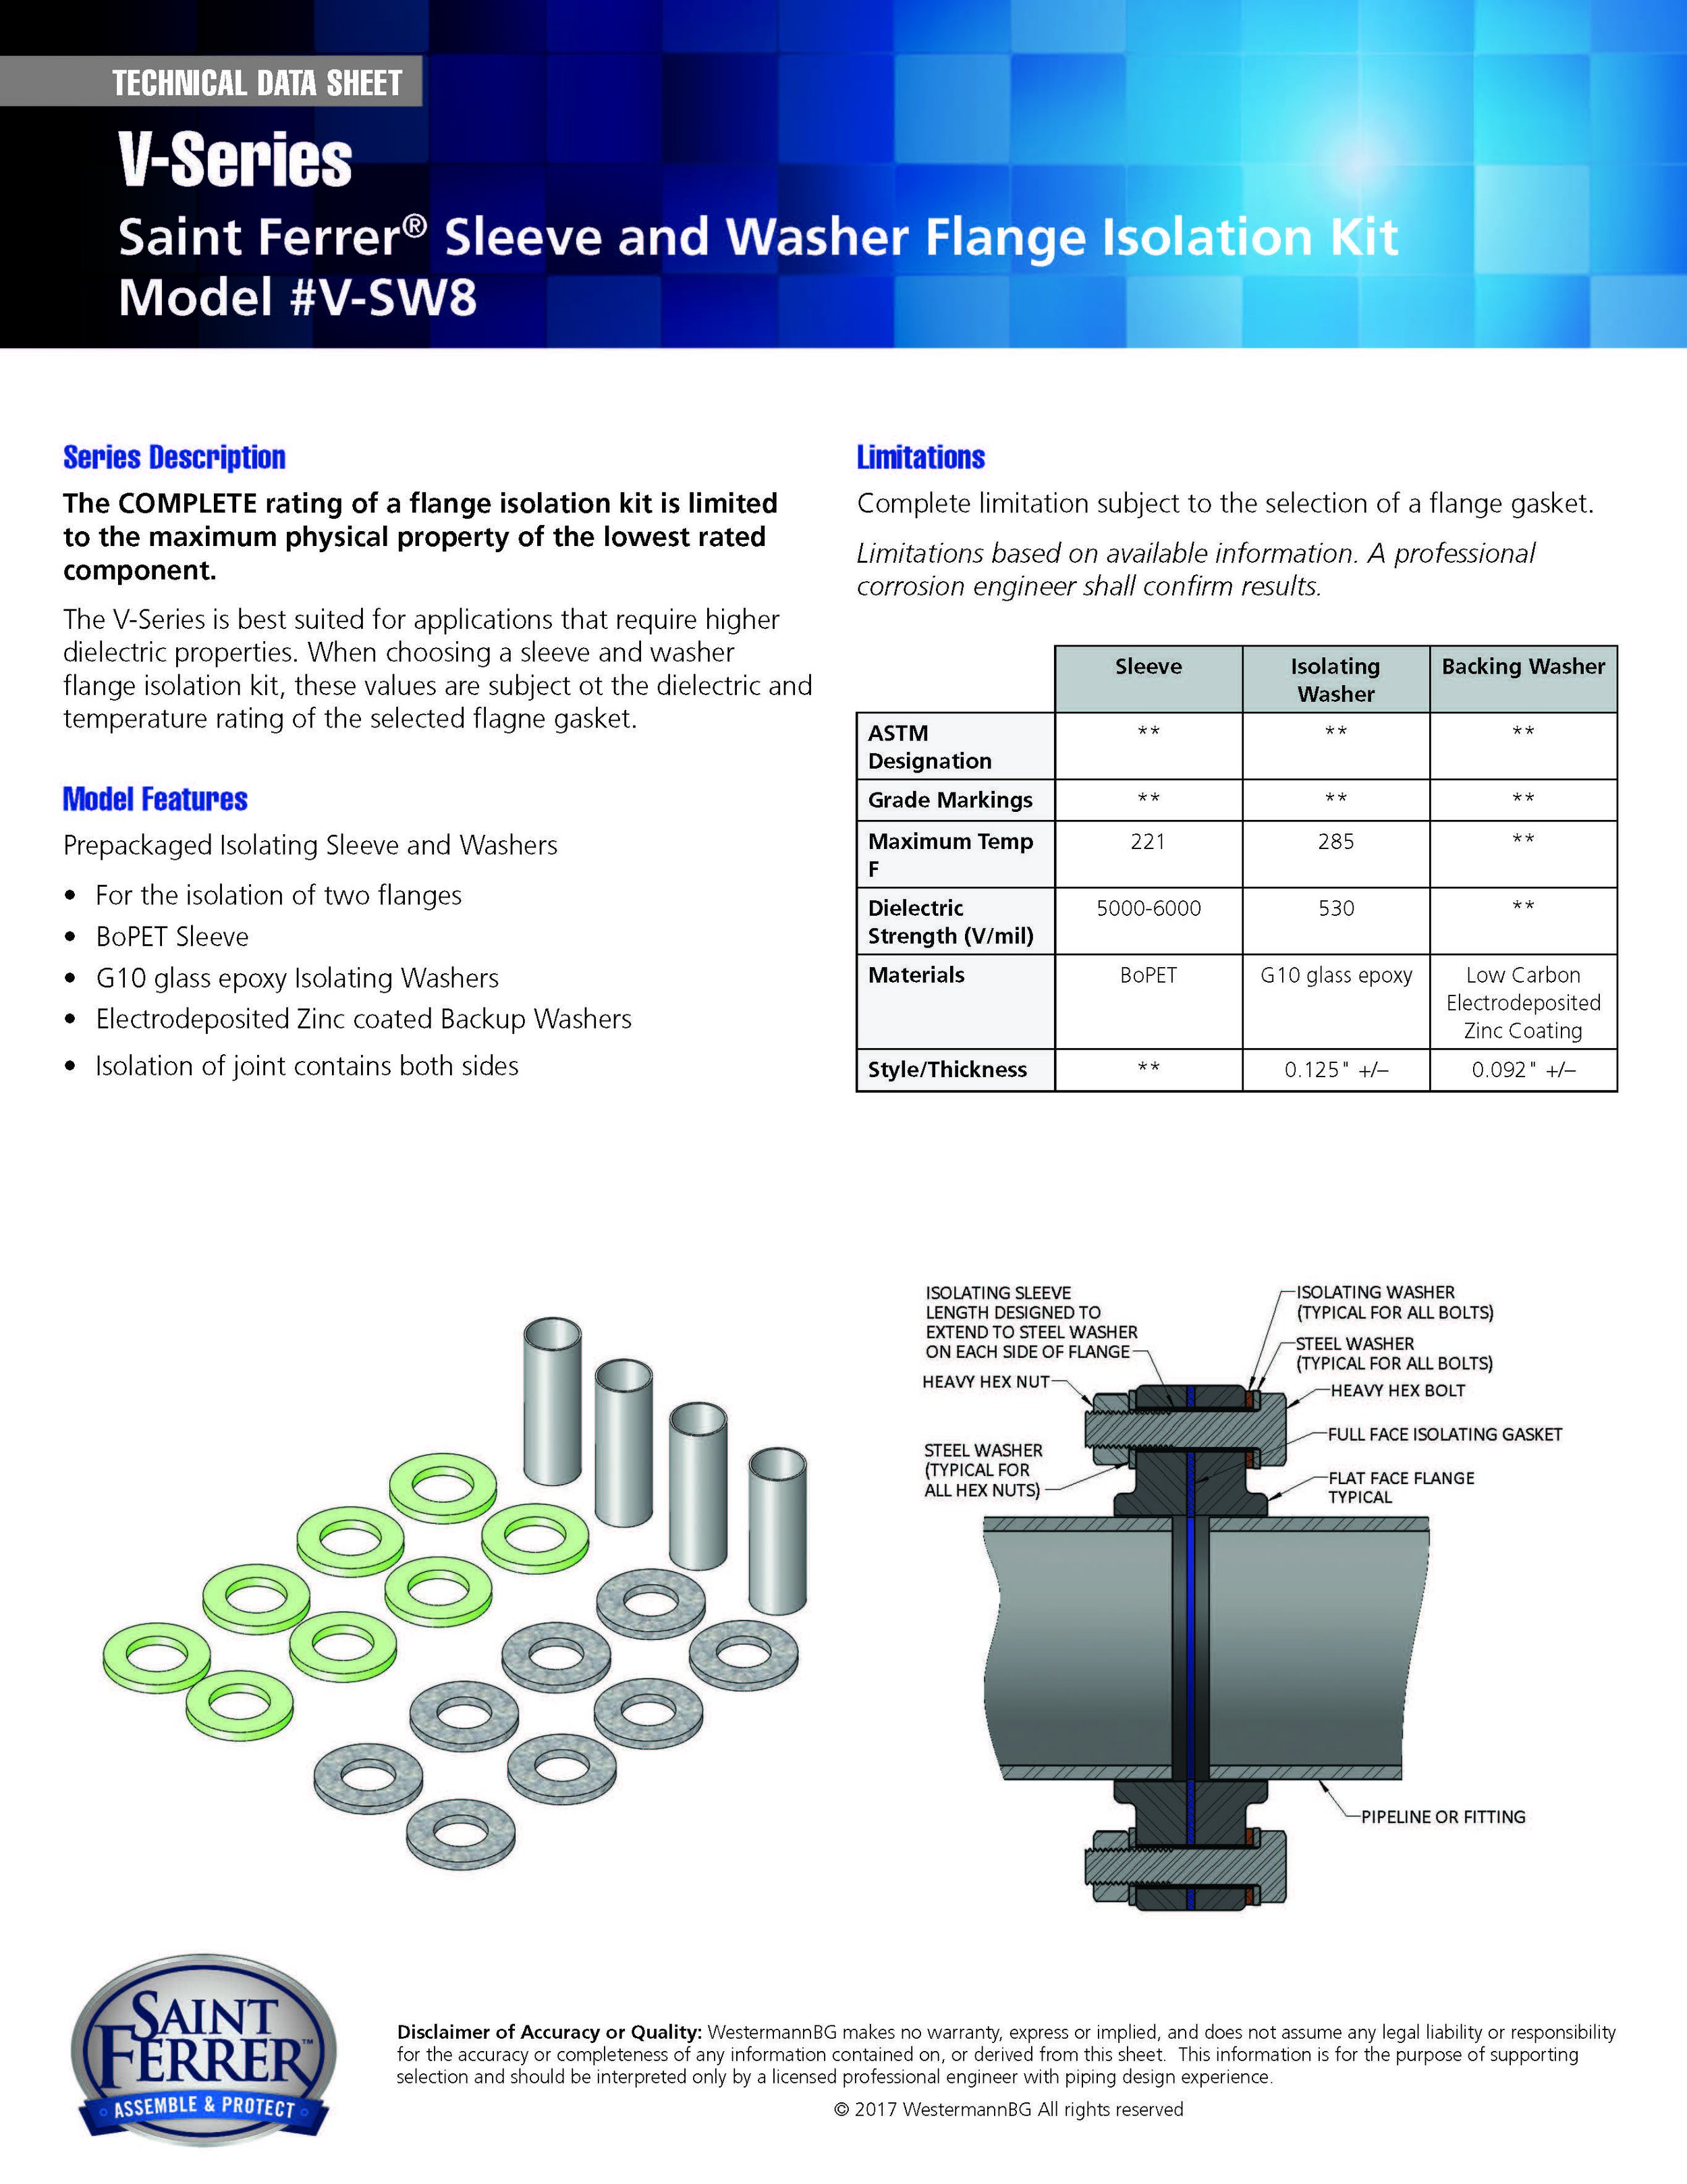 SF_Data_Sheet_V_Series_V-SW8.jpg